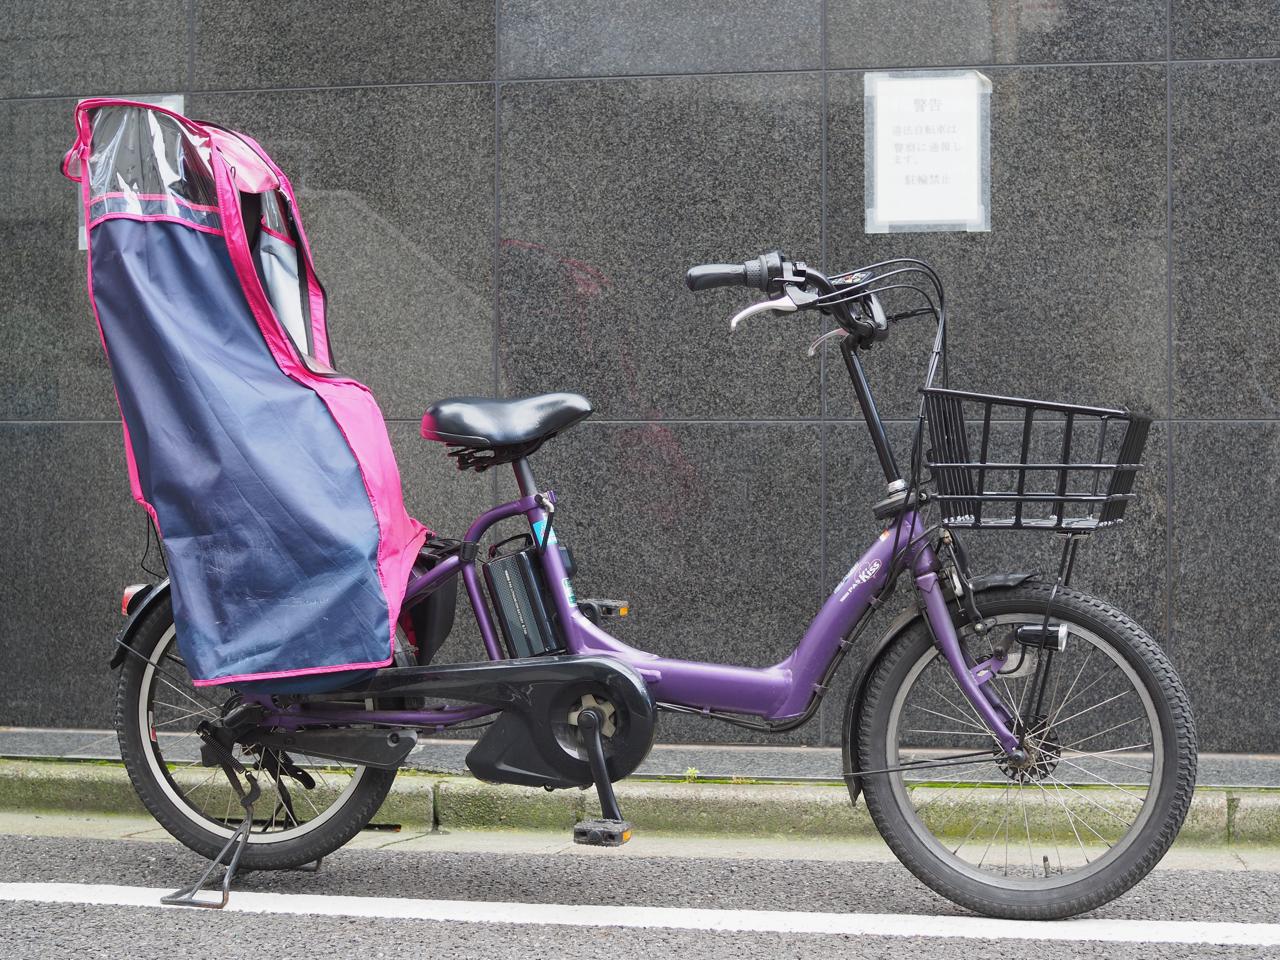 ヤマハ,パス,パスキス,子乗せ,電動自転車,子乗せ電動,チャイルドシート